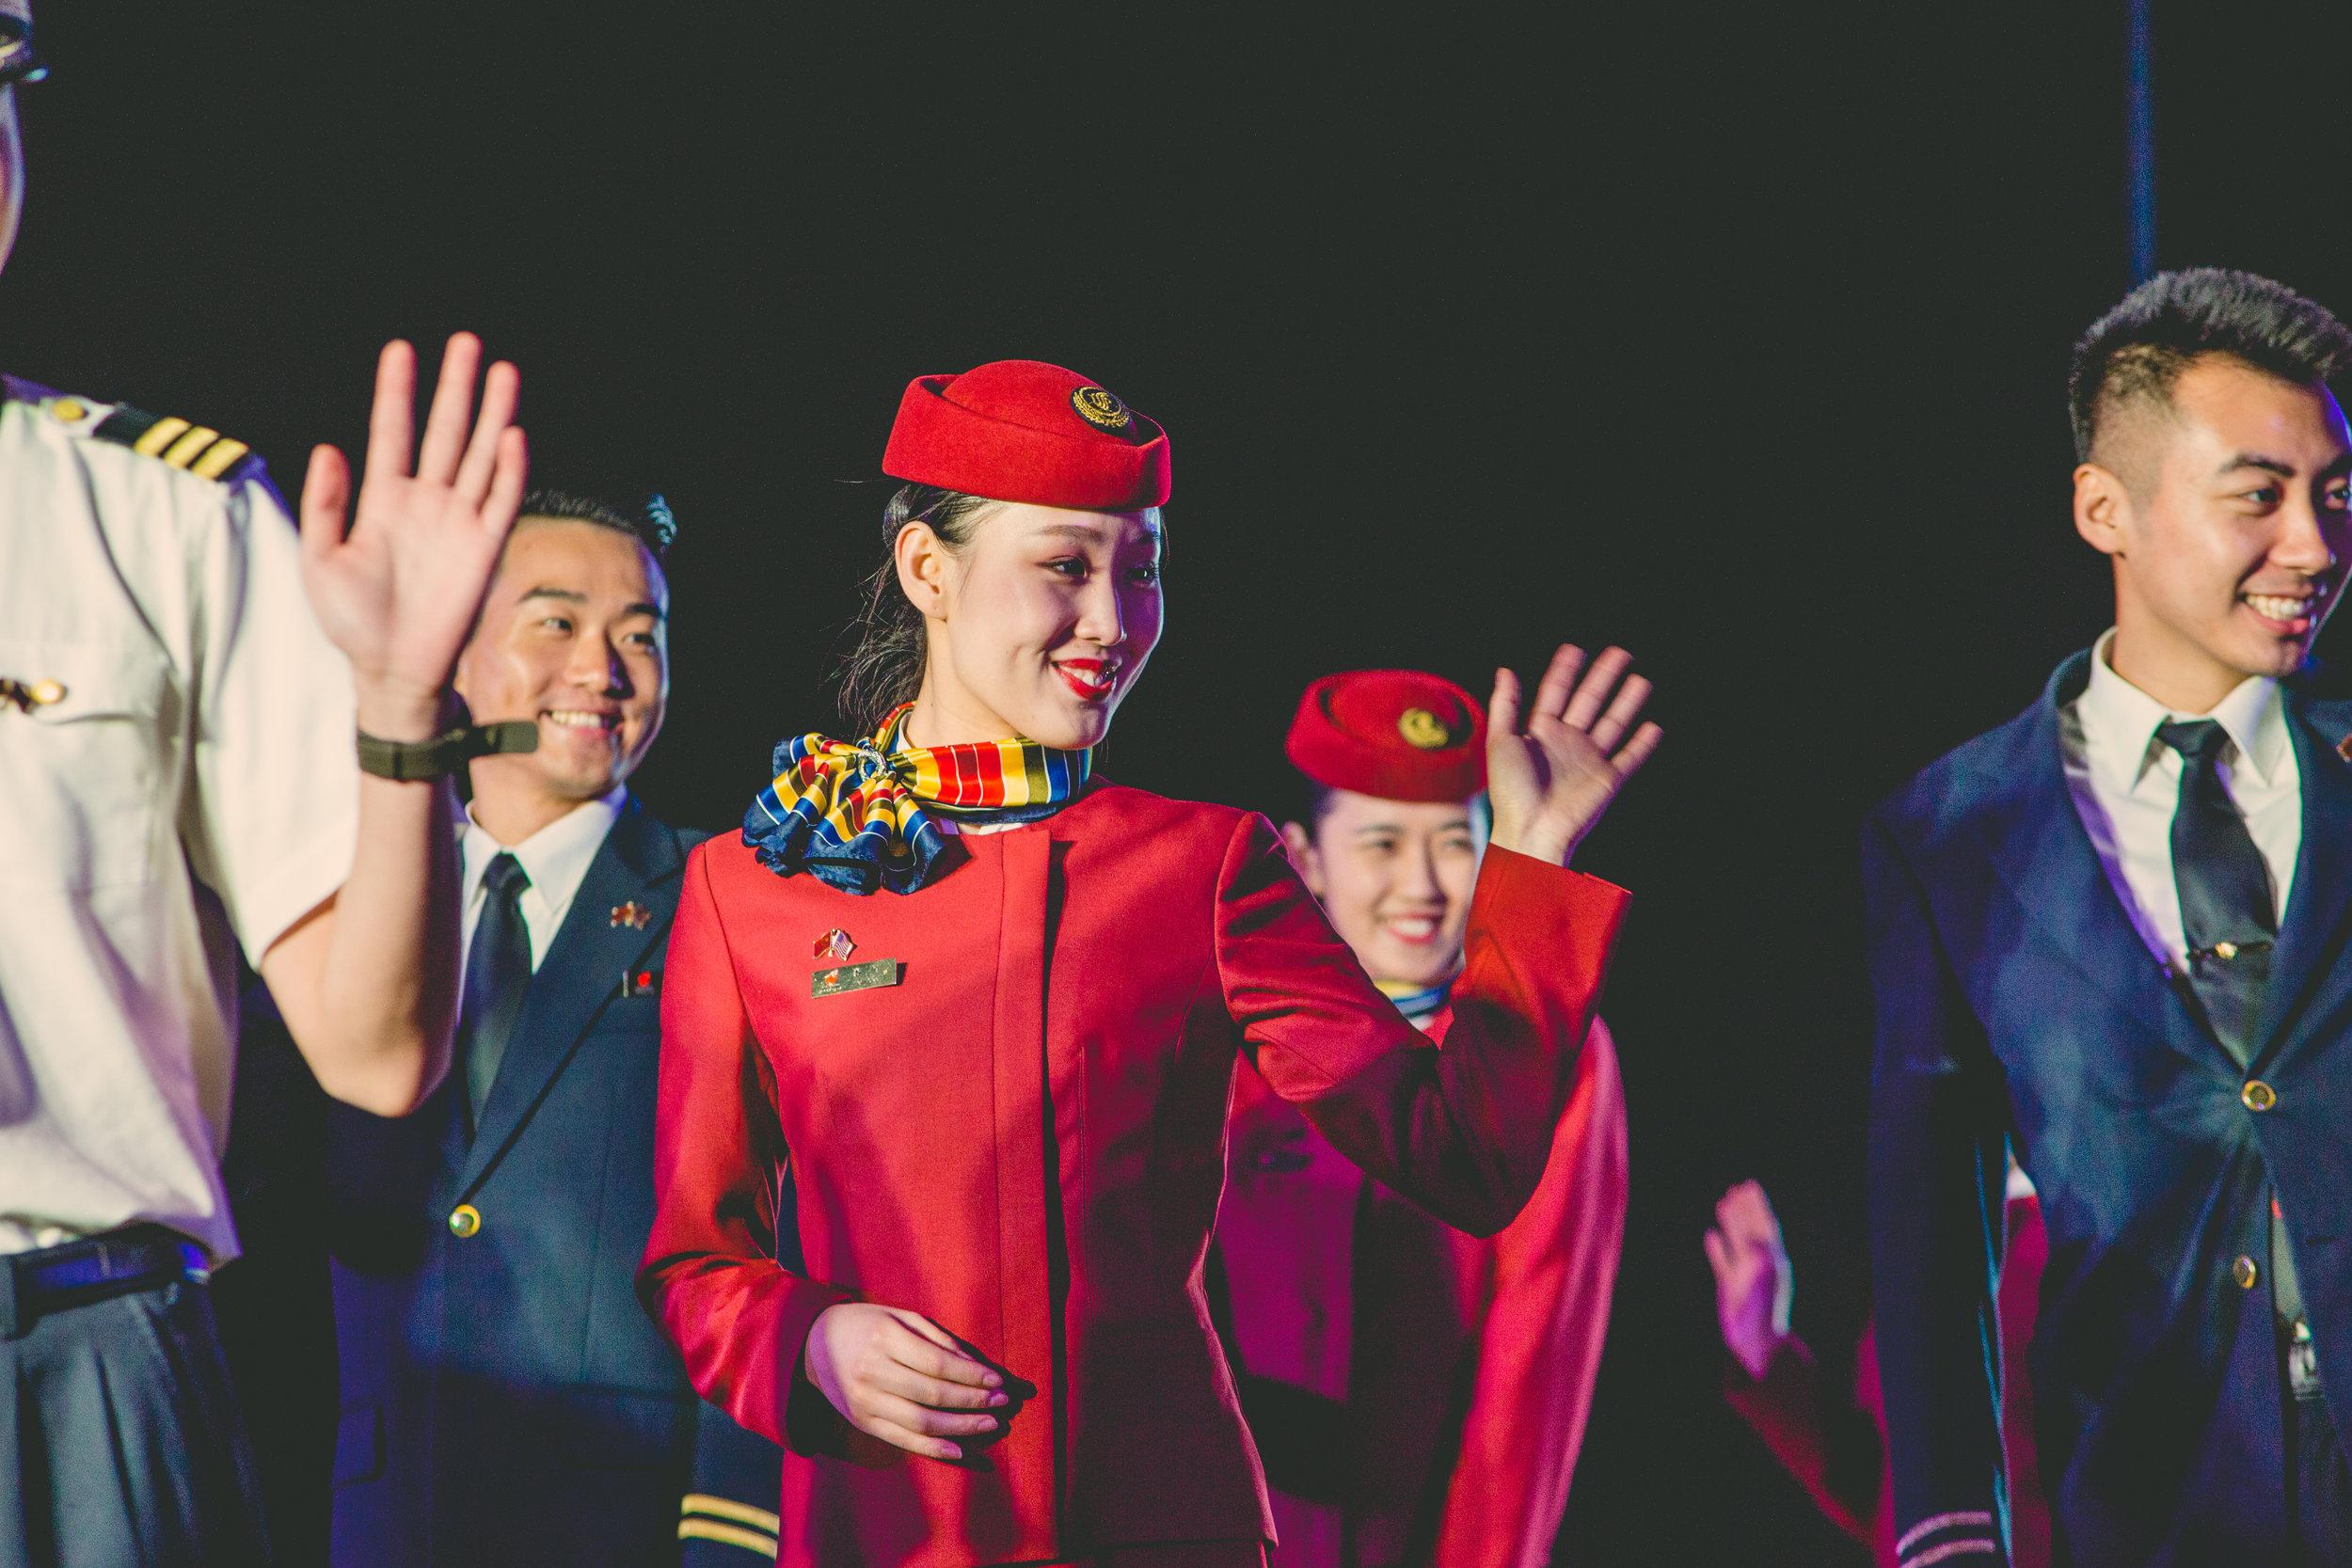 090116_Air China Inaugural Flight (SJ to PVG)_156.jpg